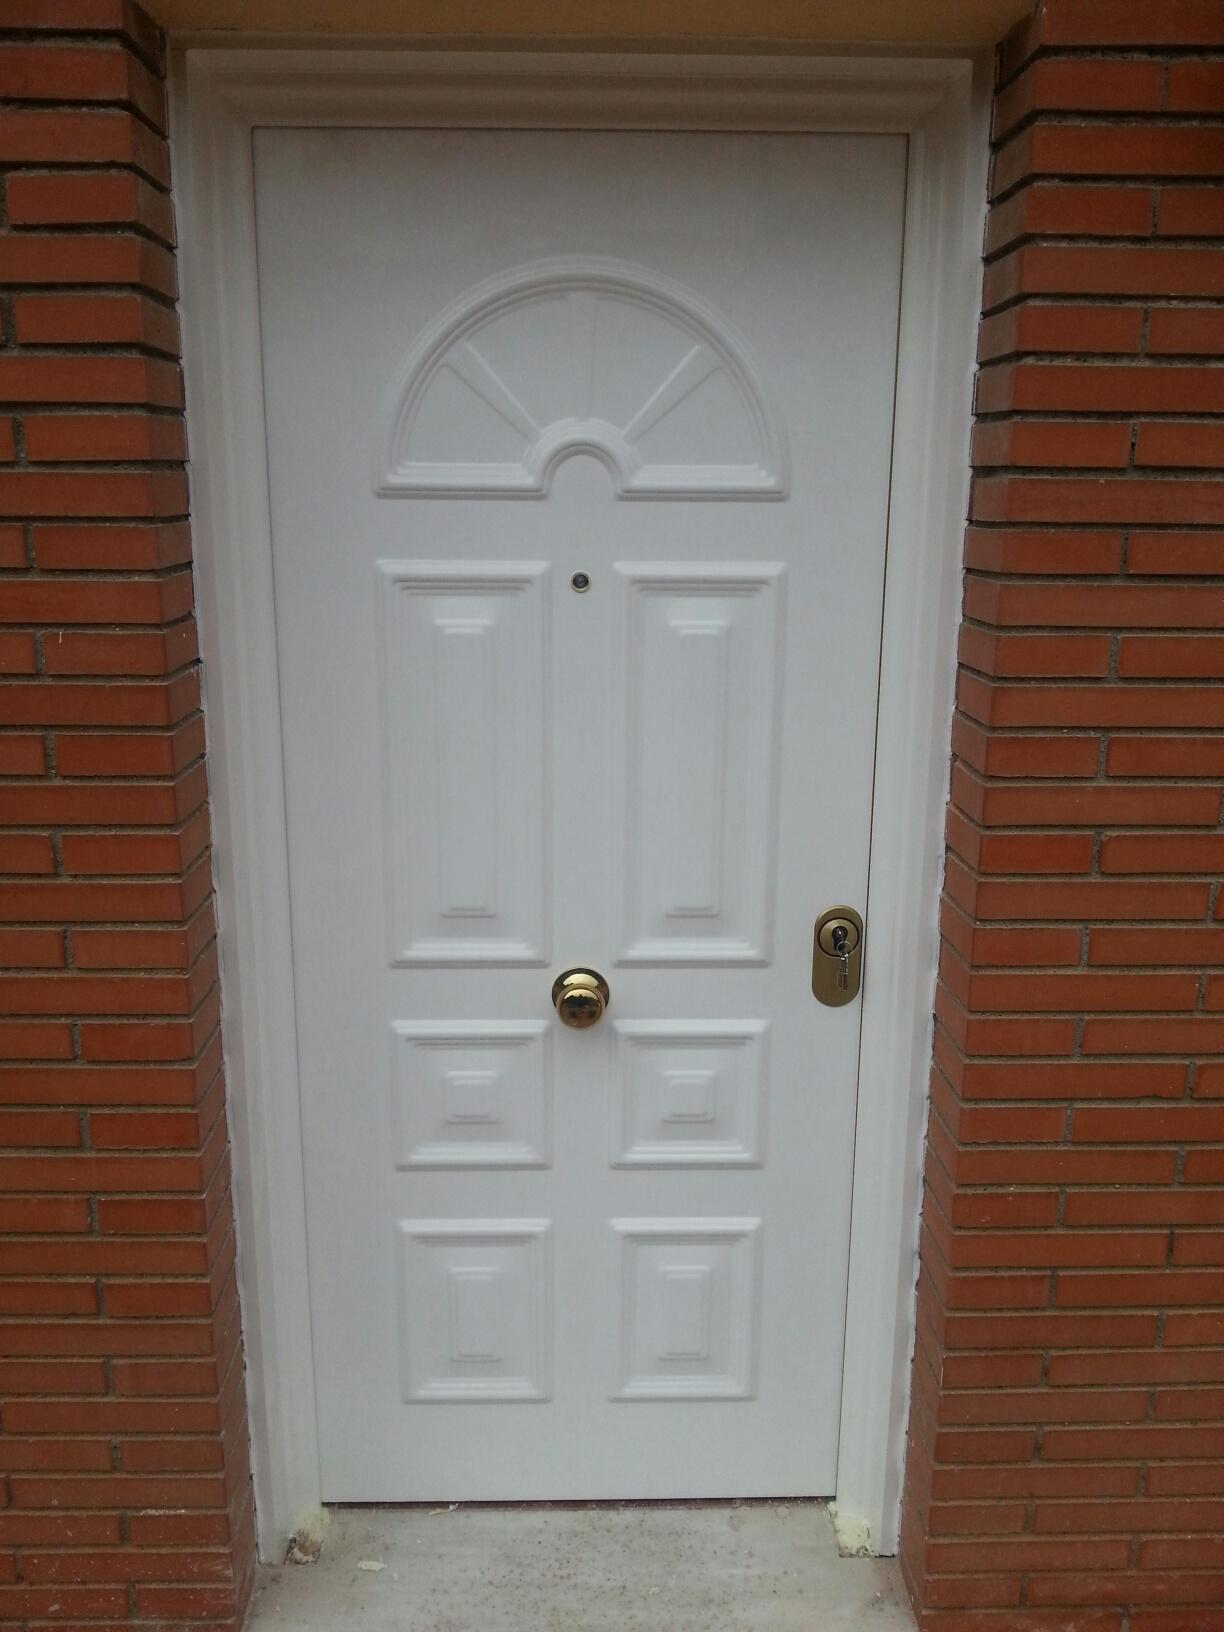 Puertas de entrada de aluminio baratas interesting for Puertas entrada baratas